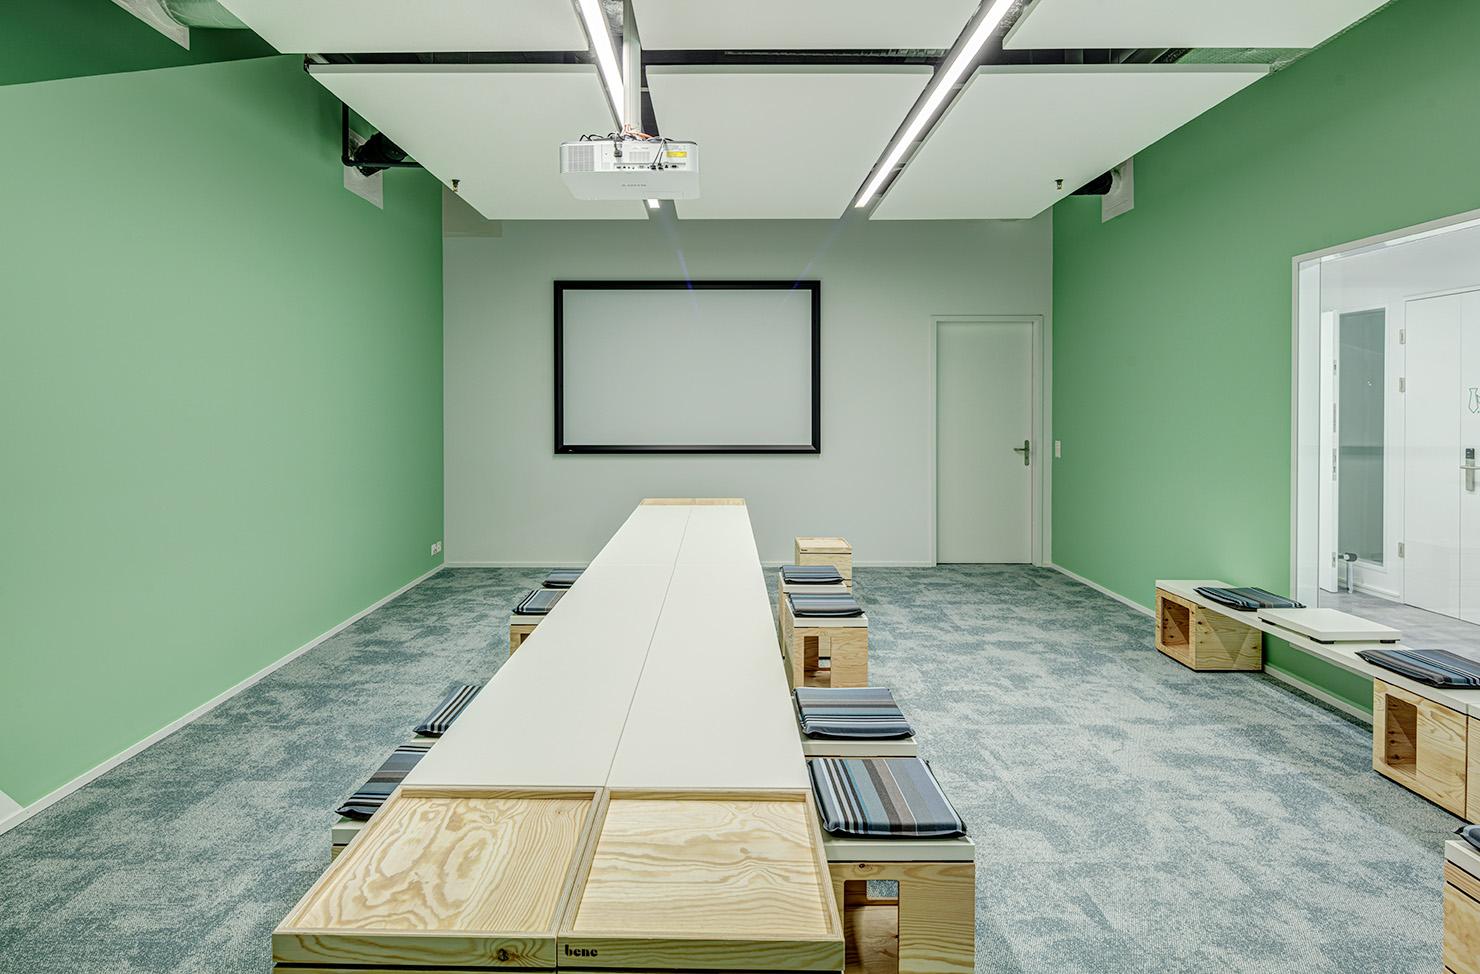 sitzungszimmer, workshop, präsentation, spreitebach